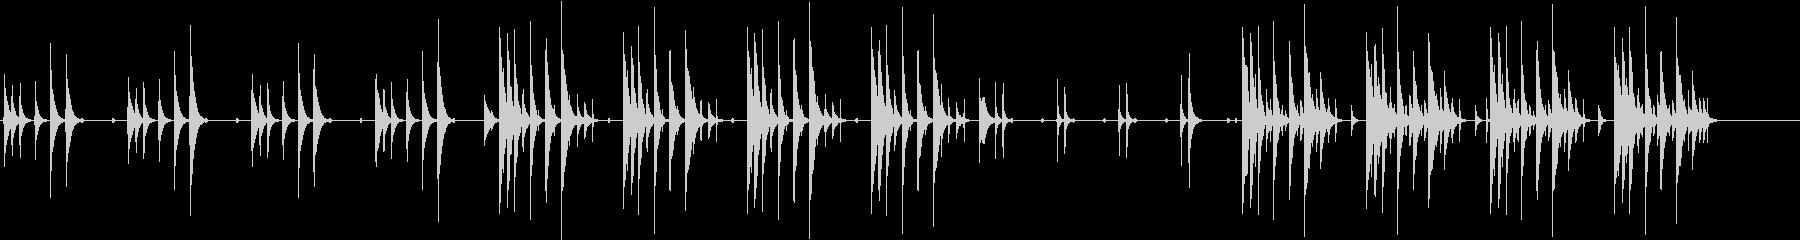 カリンバと木琴の音色で作ったほのぼの曲の未再生の波形